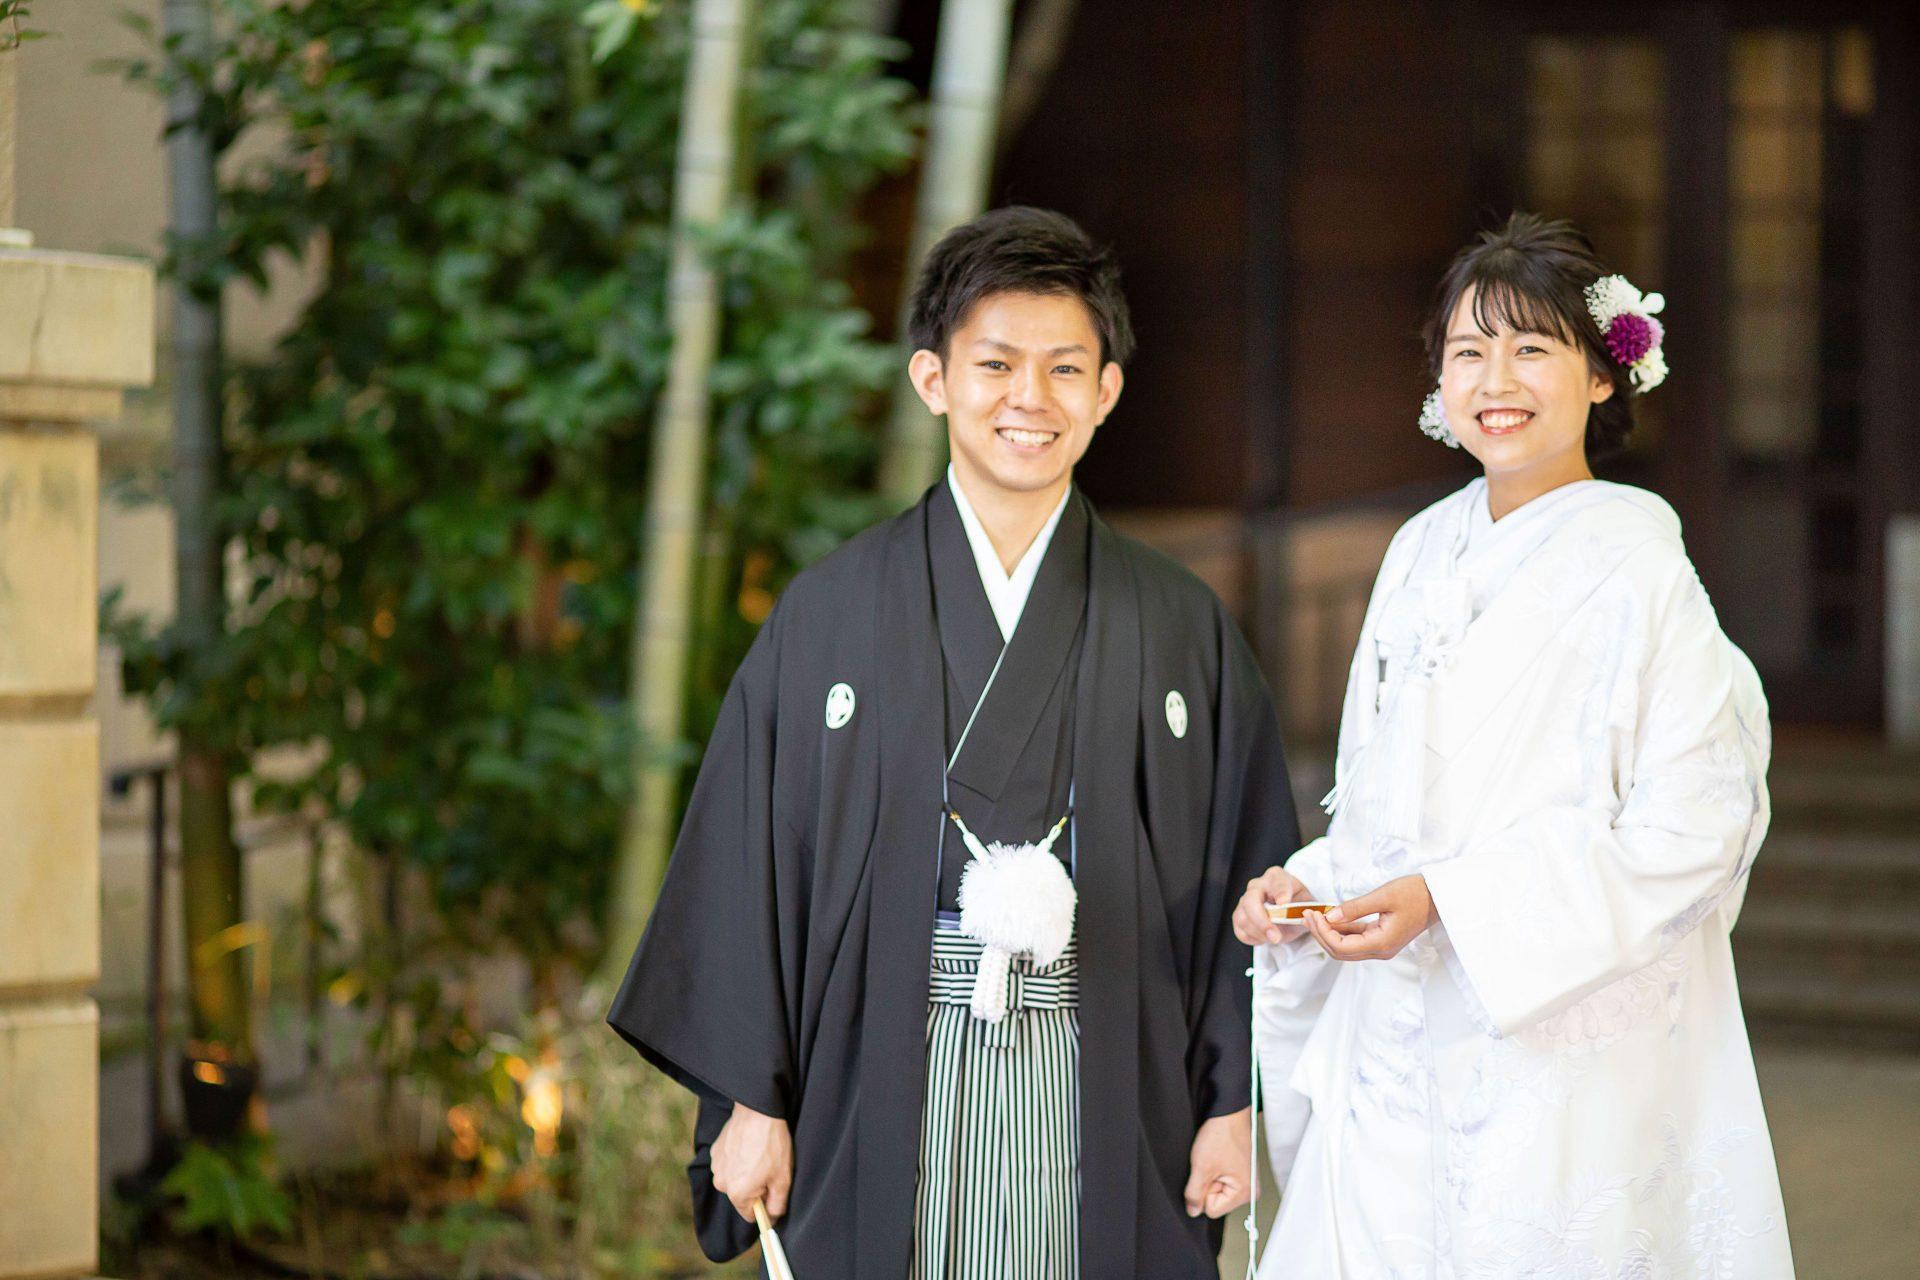 フォーチュンガーデン京都にて前撮りをされる方におススメしたい白無垢のコーディネート